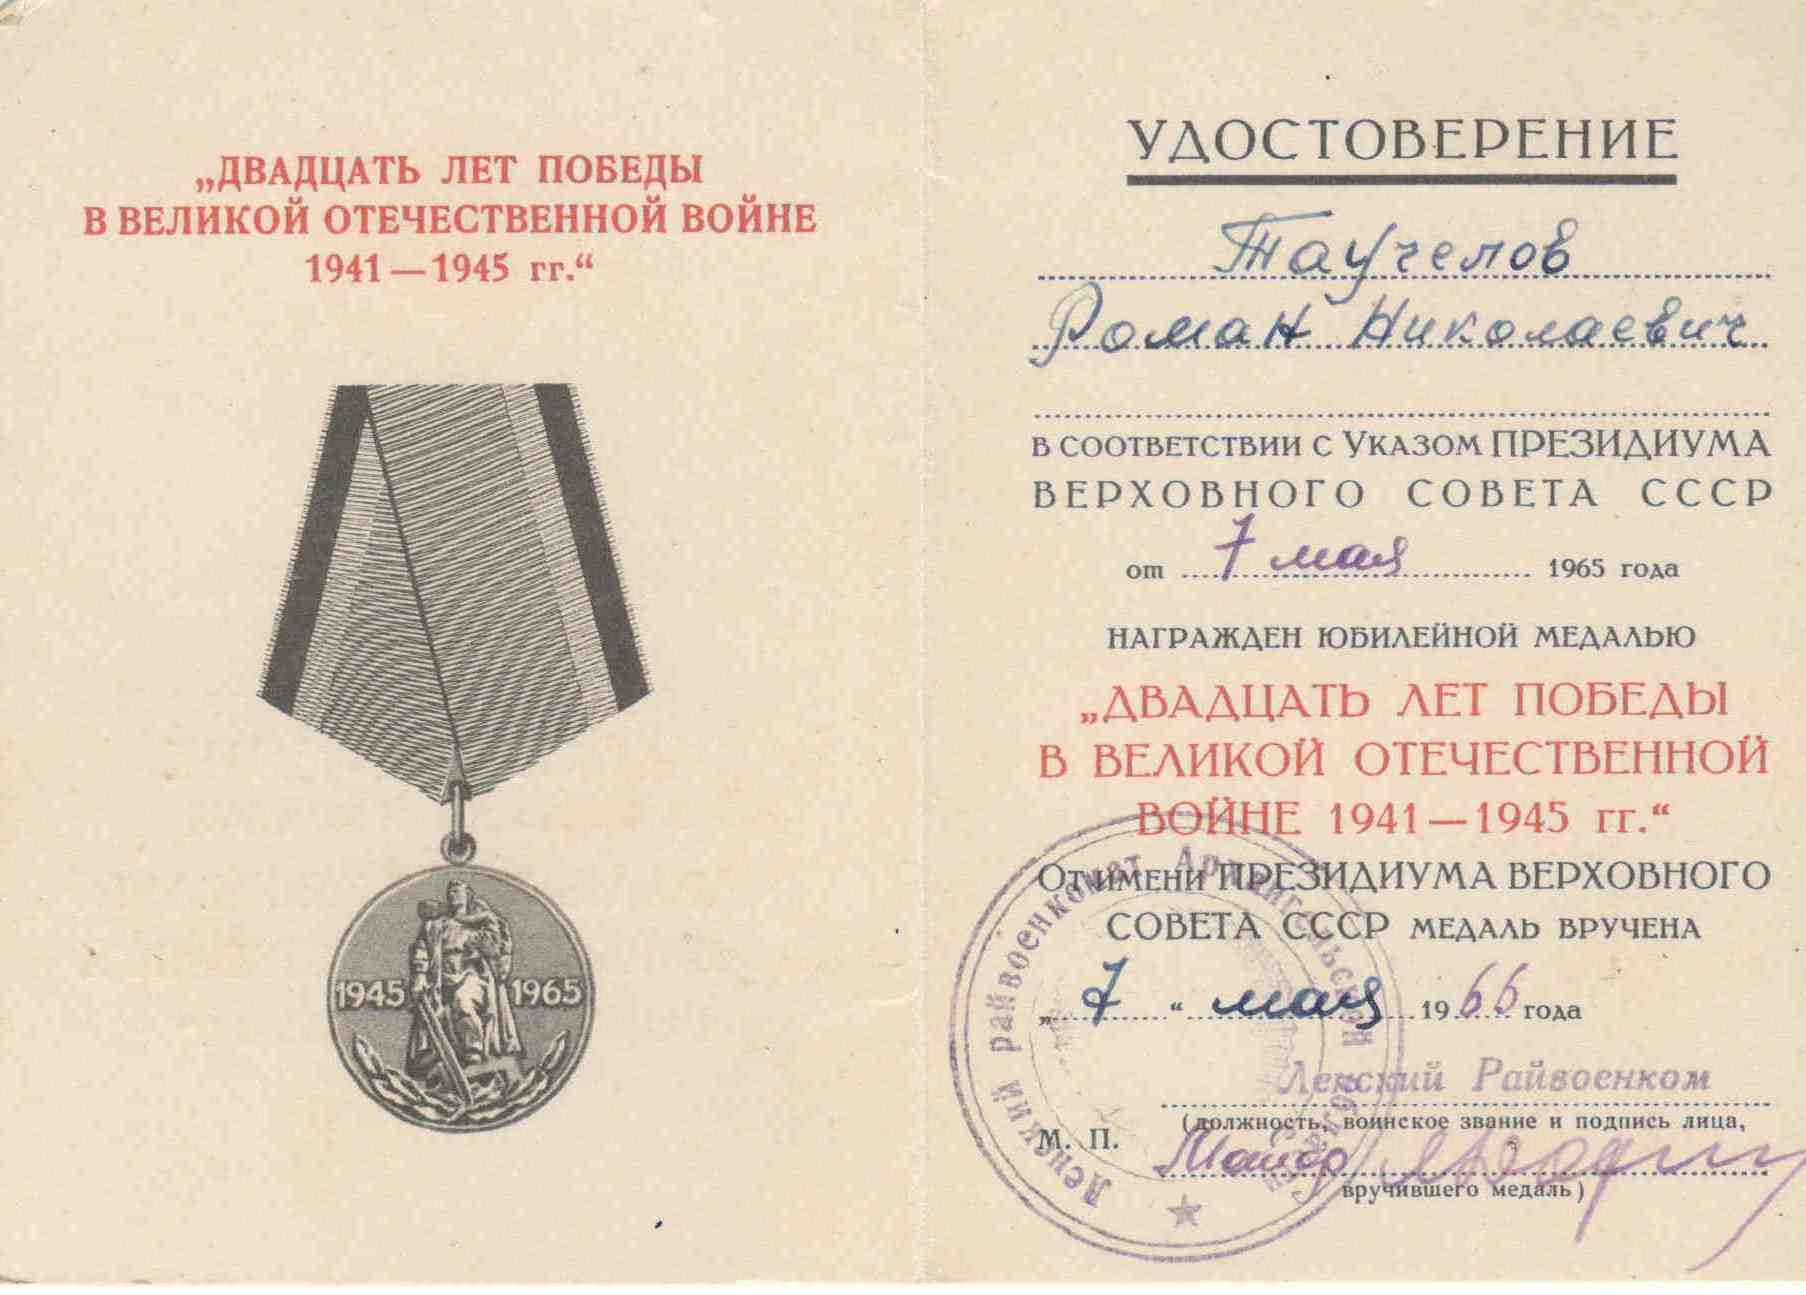 7. Двадцать лет победы в ВОВ, Таучелов Р.Н., 1966